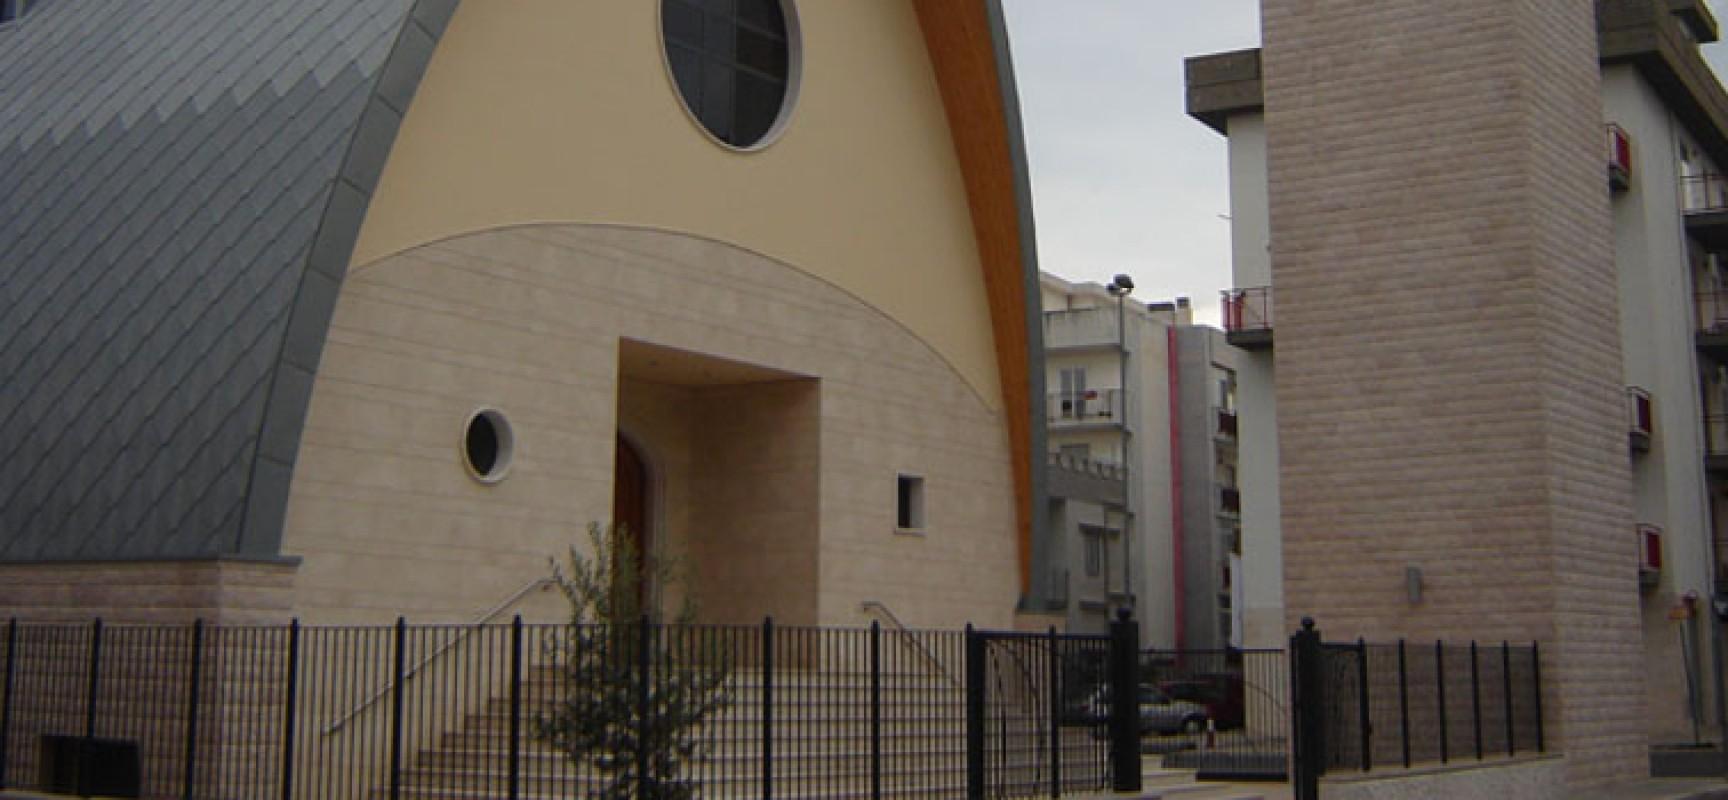 Parrocchia di santa Caterina, celebrazione di insediamento di don Pasquale Bovio